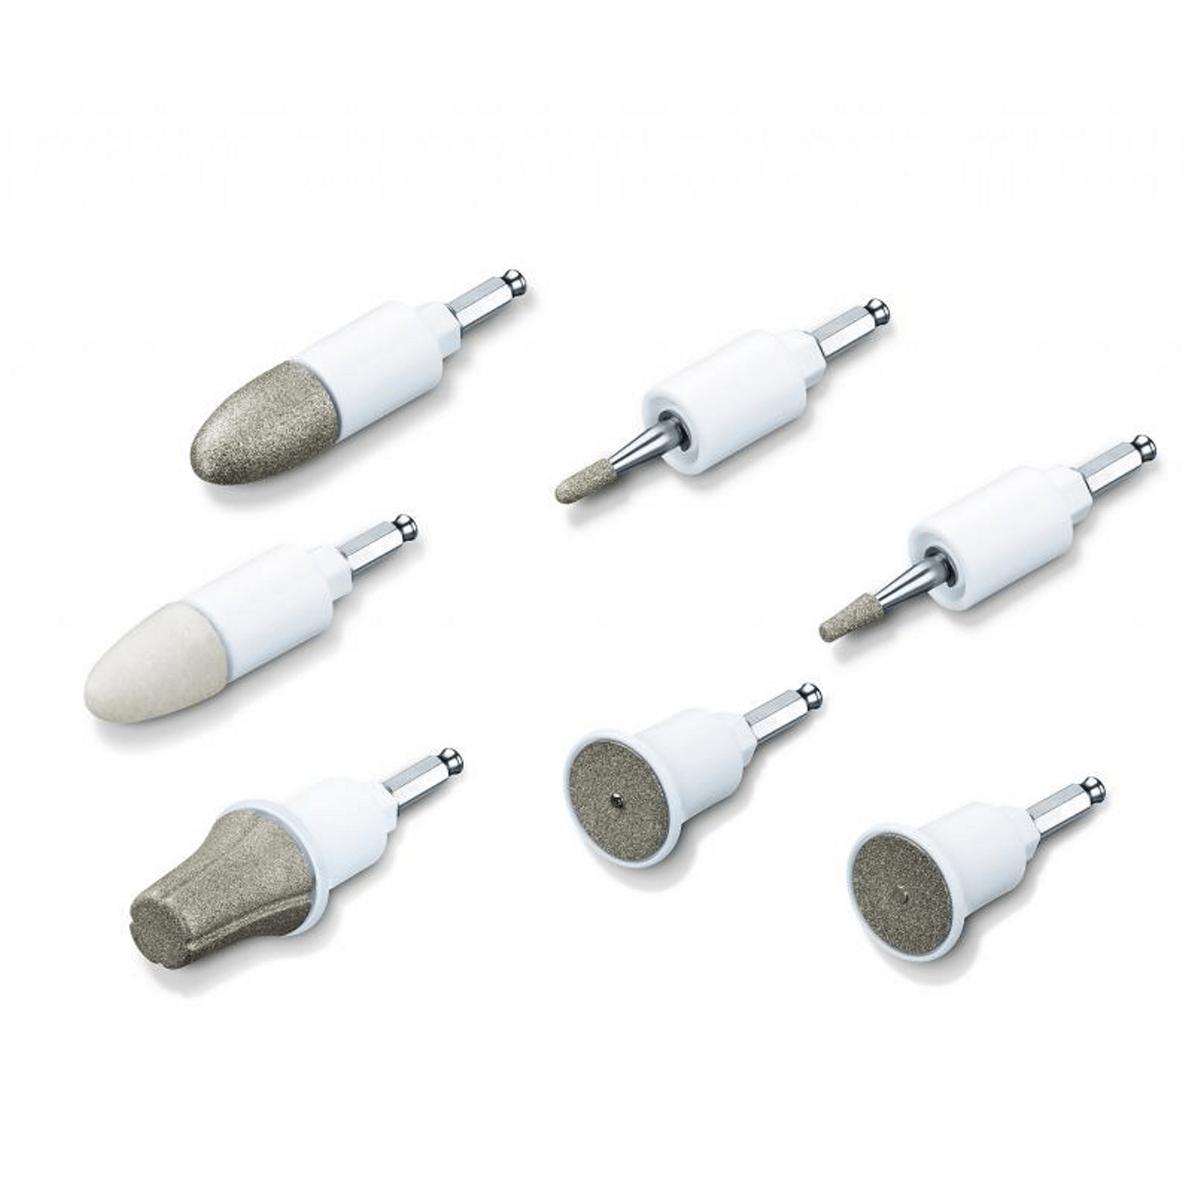 accessoires de l'appareil de pedicure electrique Beurer MP 41